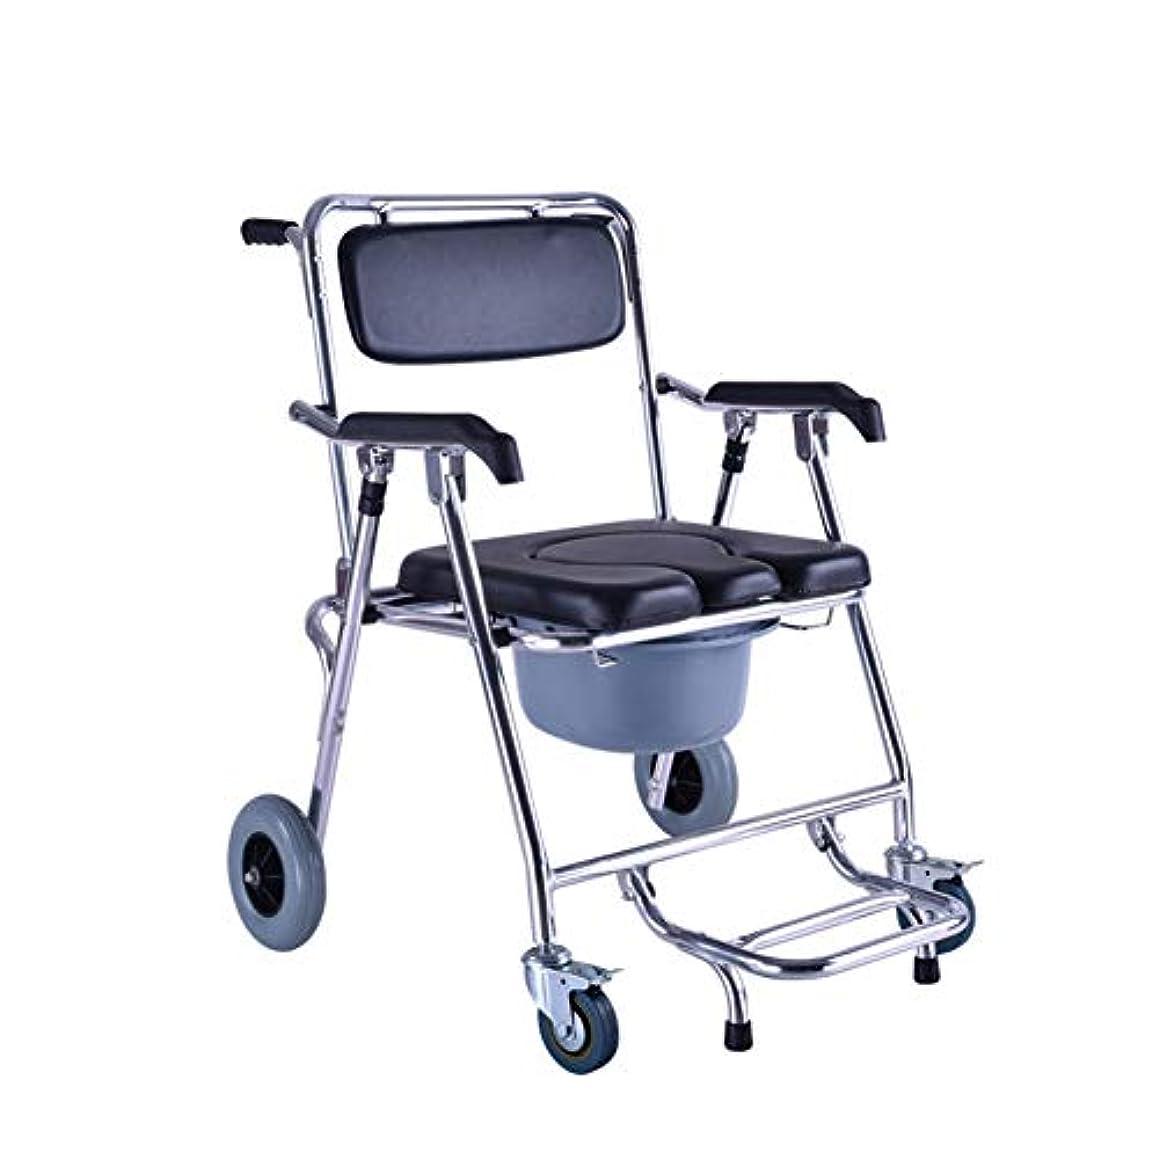 バックグラウンド想定バルコニー携帯用浴室の椅子の折りたたみ便器の椅子の高齢者のための軽量の丈夫で簡単な浴室の取り外し可能な部分